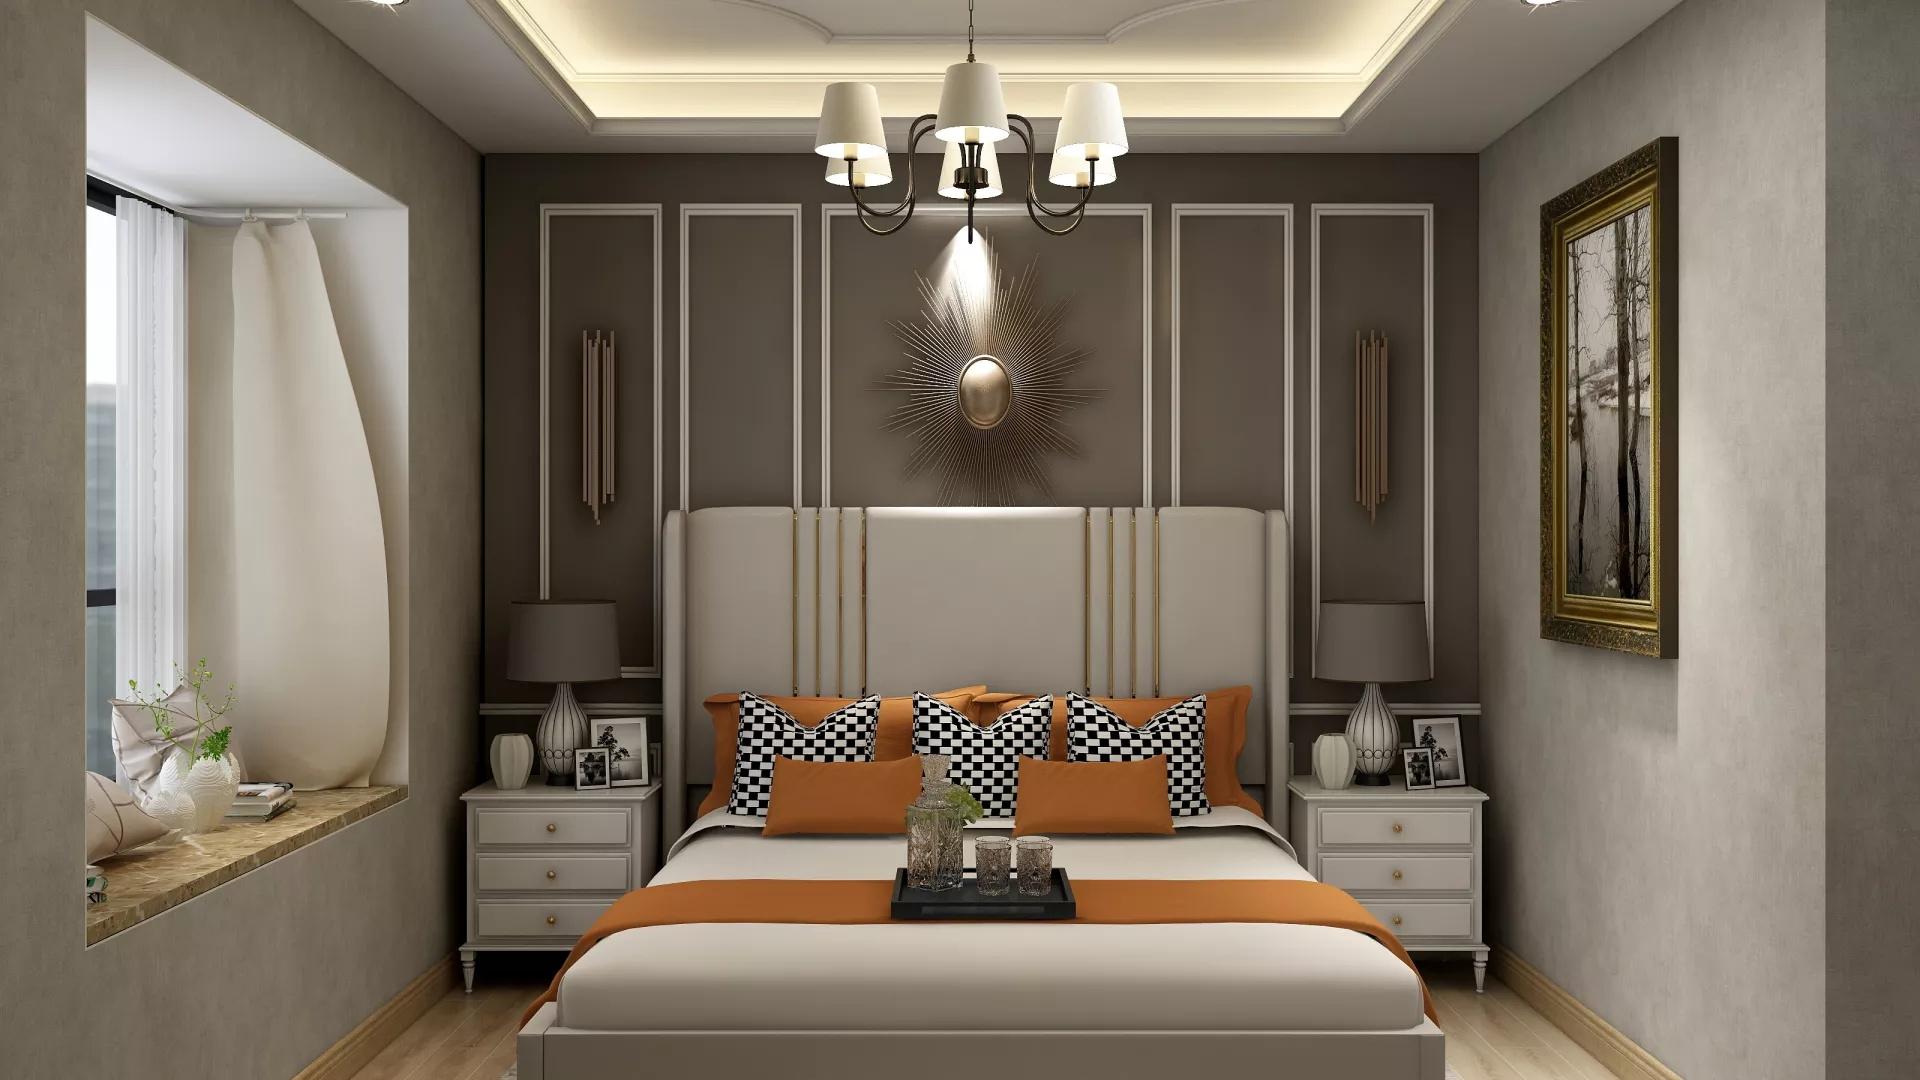 简约欧式风格别墅装修设计效果图